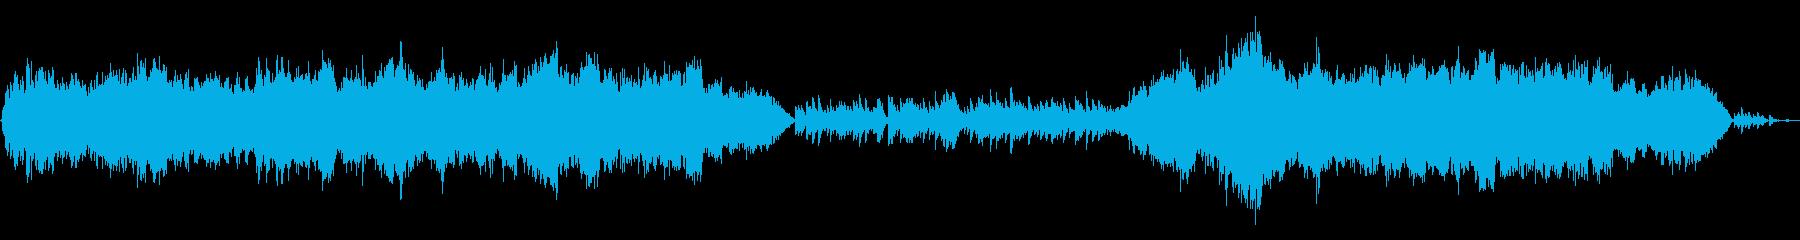 美しい混声コーラス 感動のラストシーンにの再生済みの波形